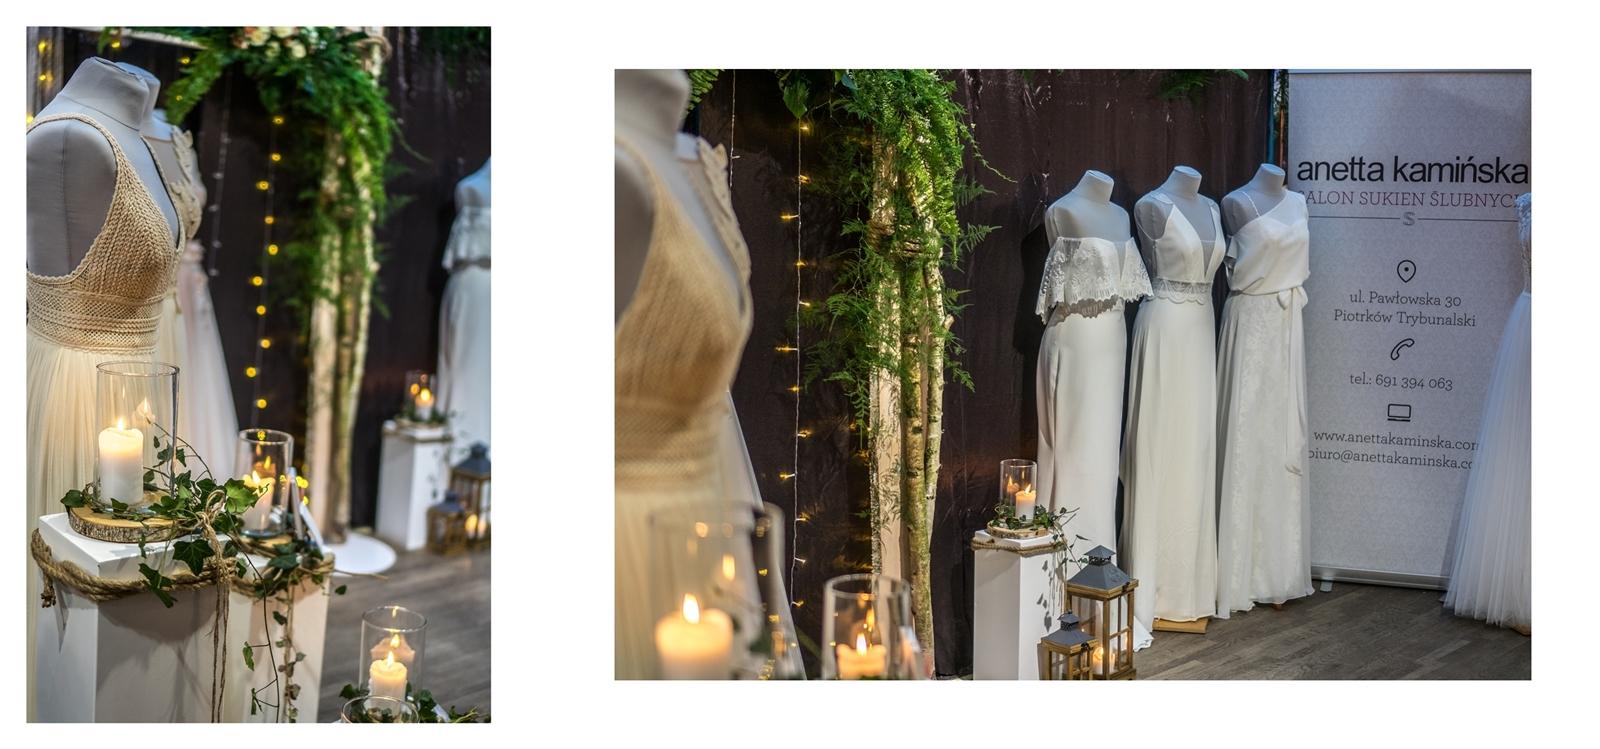 5 panna na wydaniu OFF WEDDING - Alternatywne Targi ślubne papeteria. biżuteria ślubna, dodatki ślubne, boho dekoracje , kwiaty na ślub i wesele, warszawa, łódź, romantczne, naturalne, nietypowe papeteri